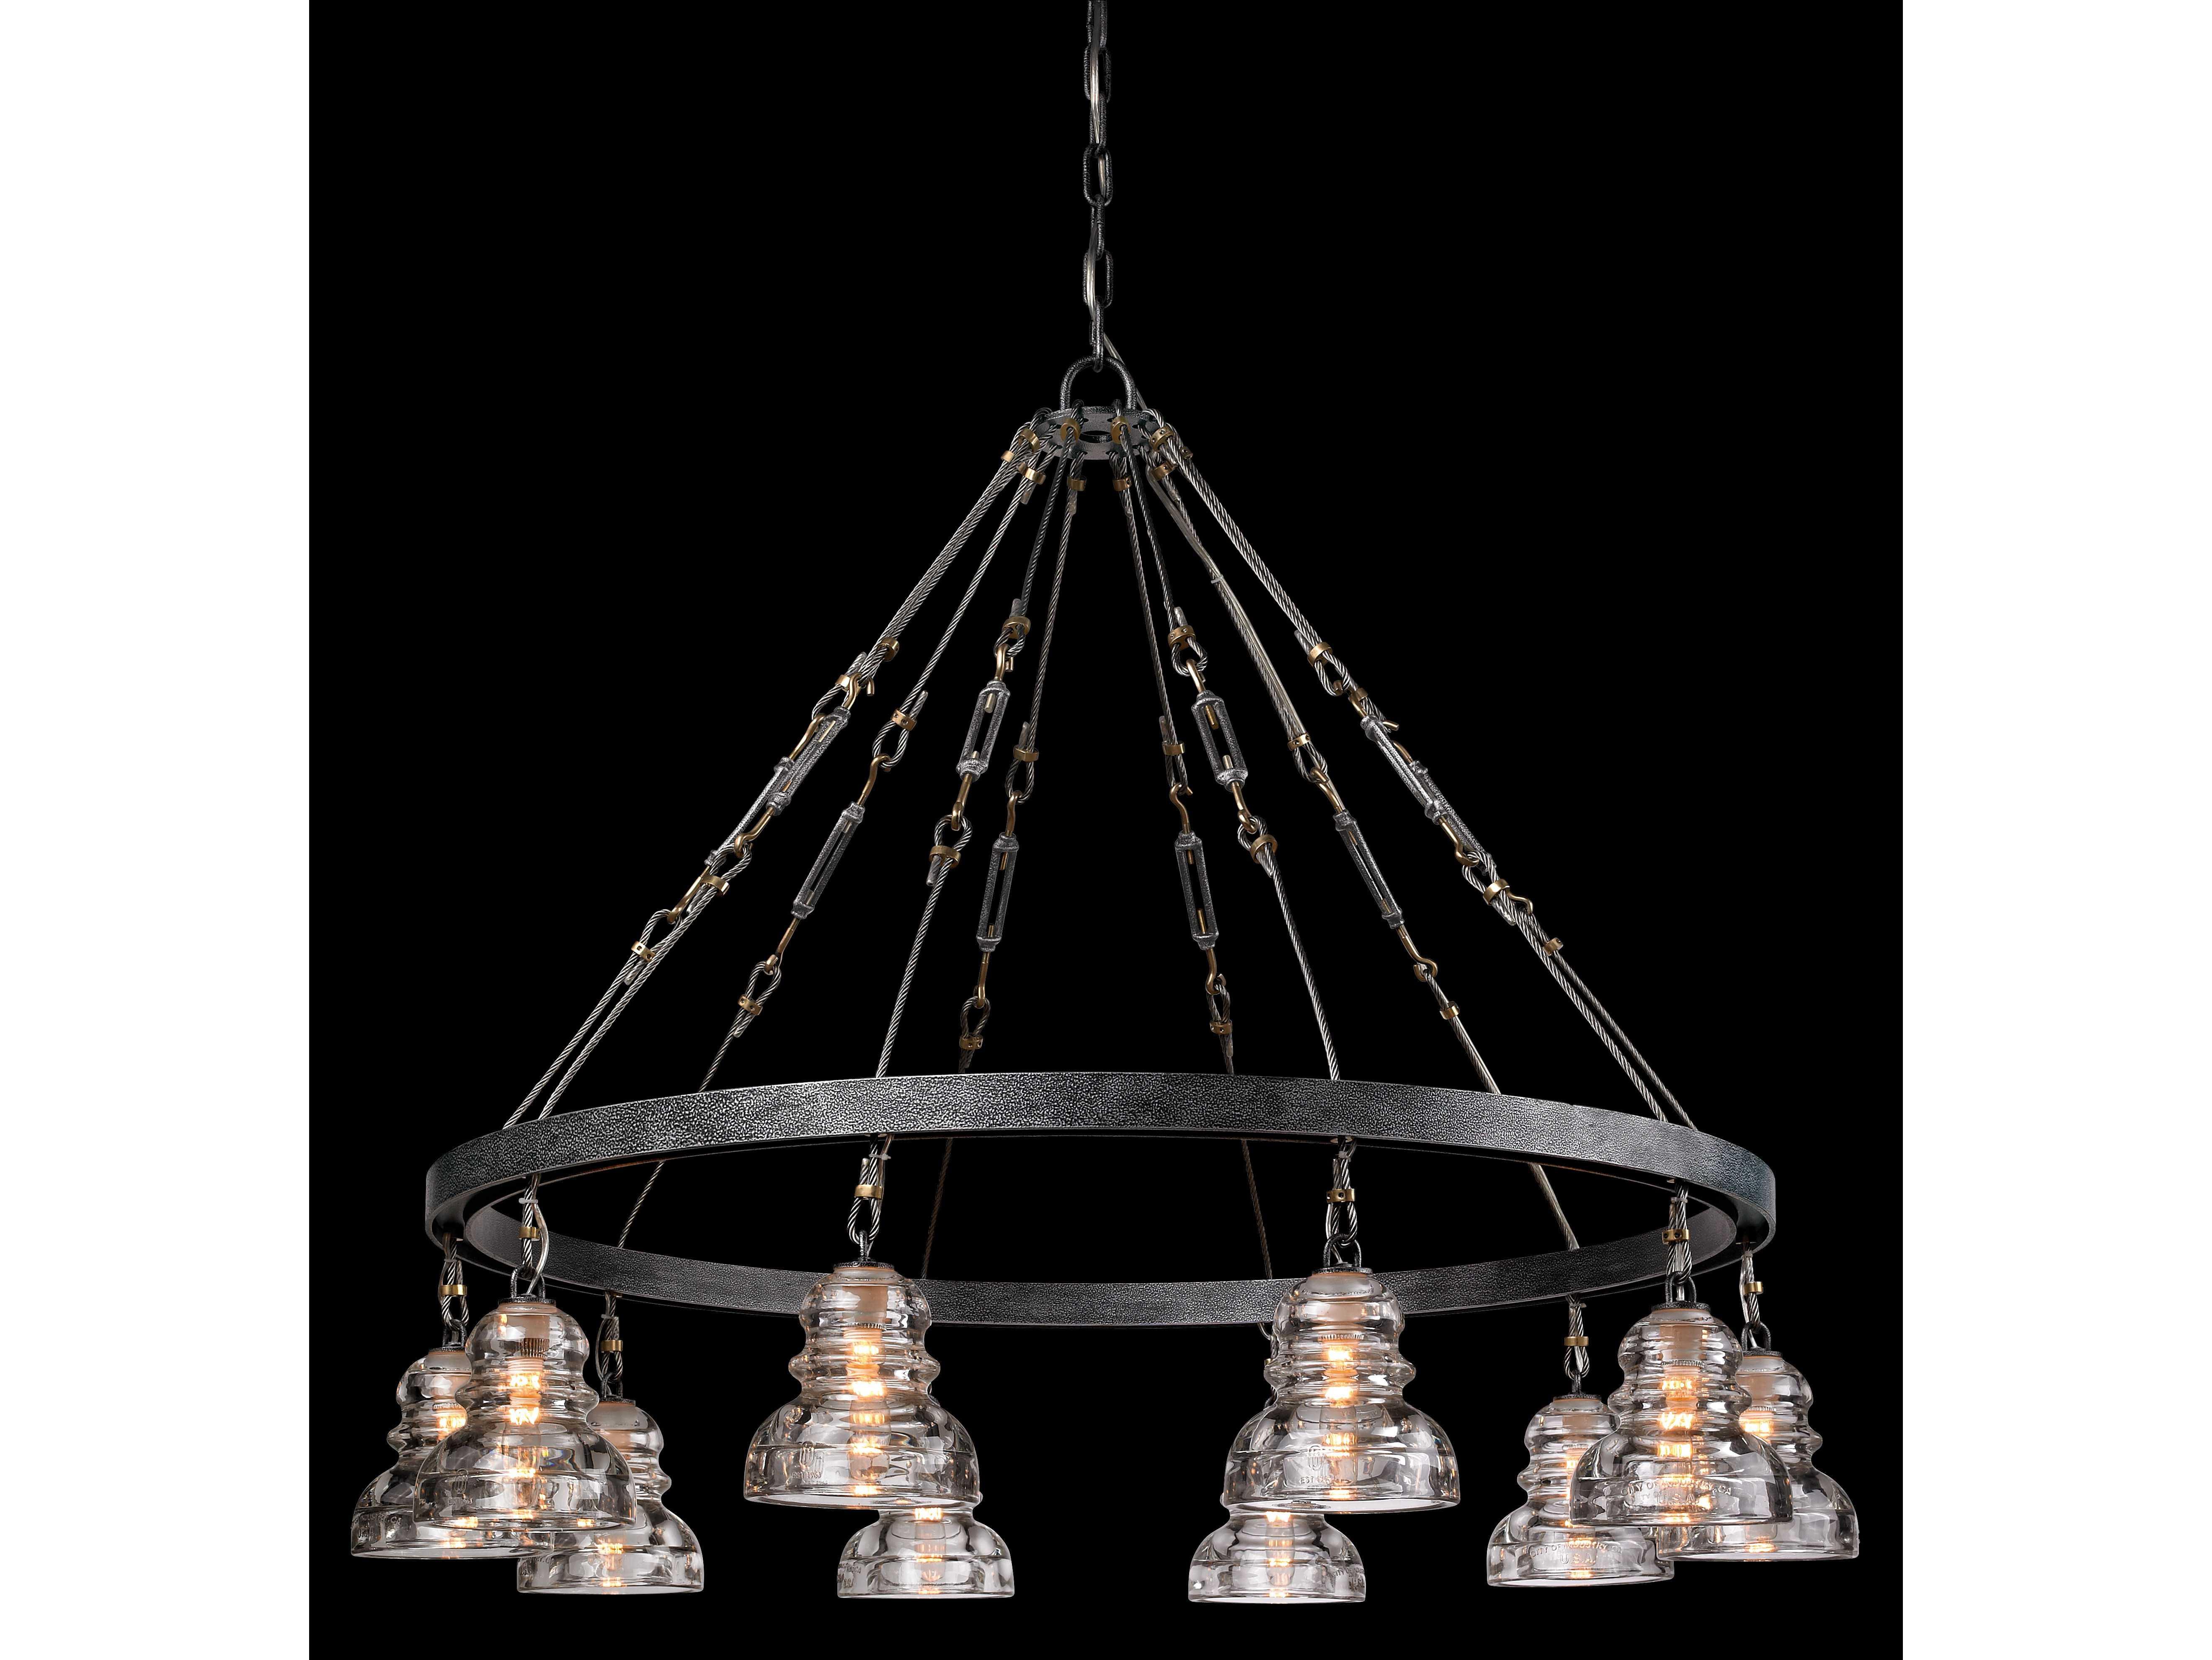 troy lighting menlo park old silver ten light 42 39 39 wide chandelier. Black Bedroom Furniture Sets. Home Design Ideas